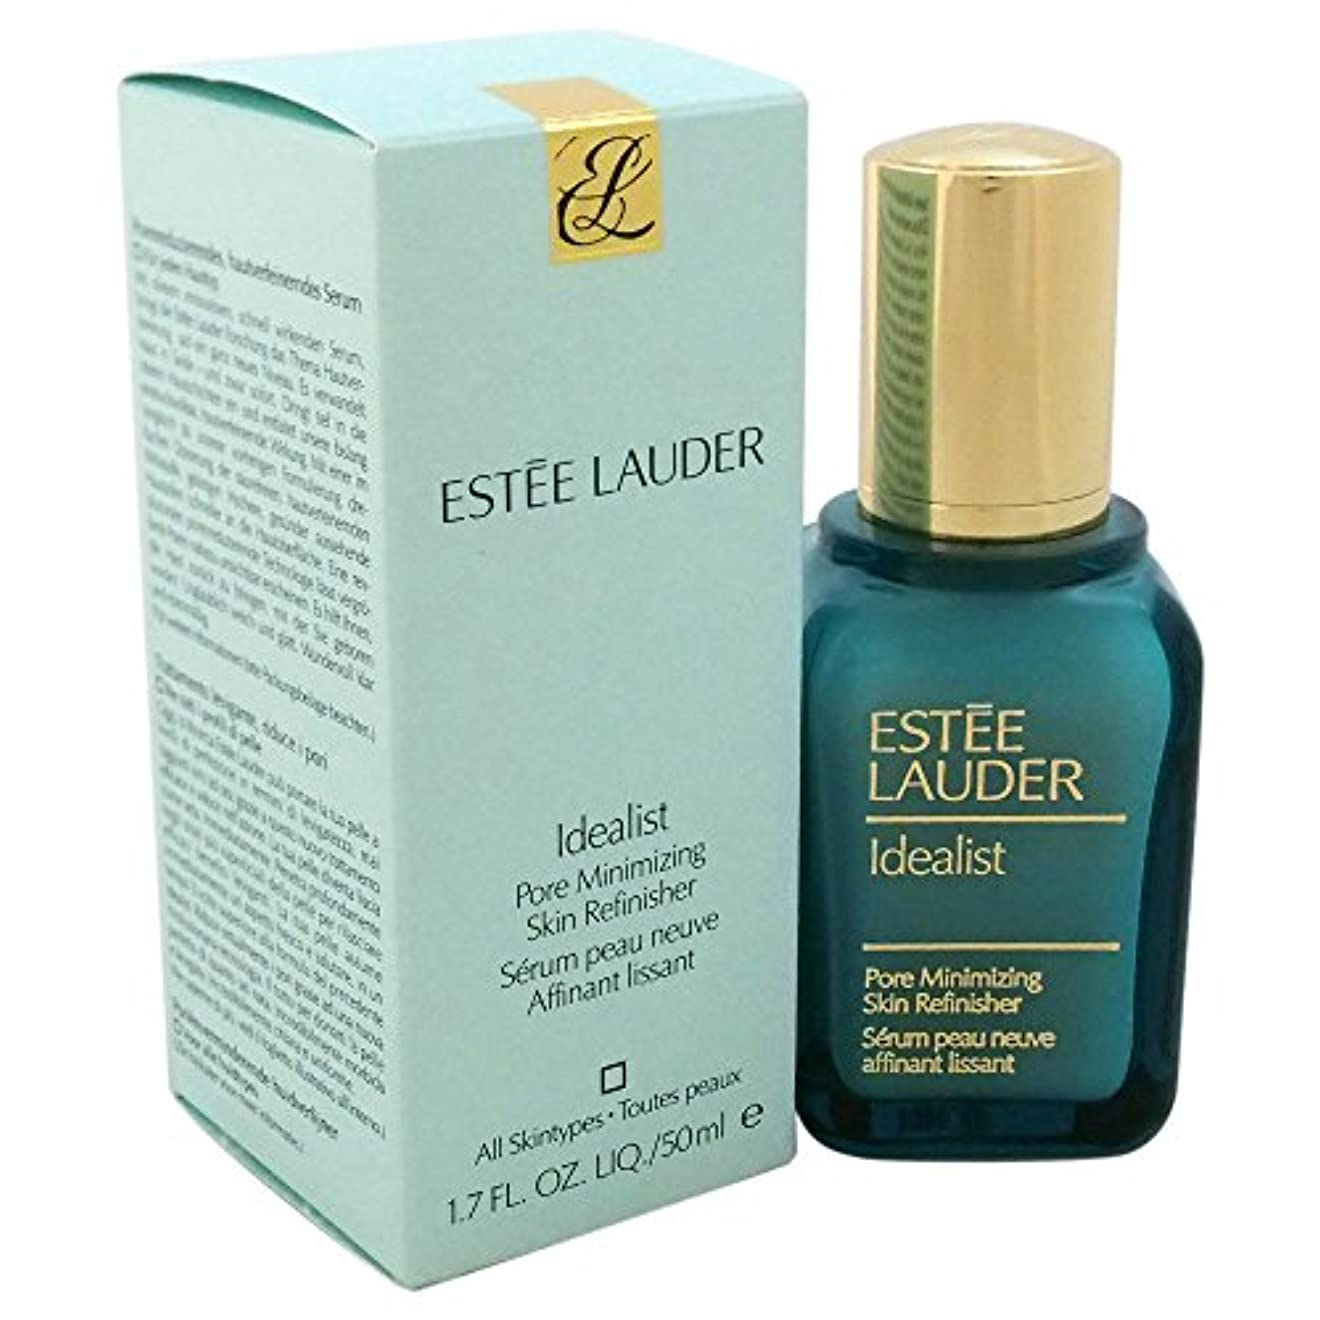 コーラス精巧な約Estee Lauder Idealist Pore Minimizing Skin Refinisher 50ml [並行輸入品]